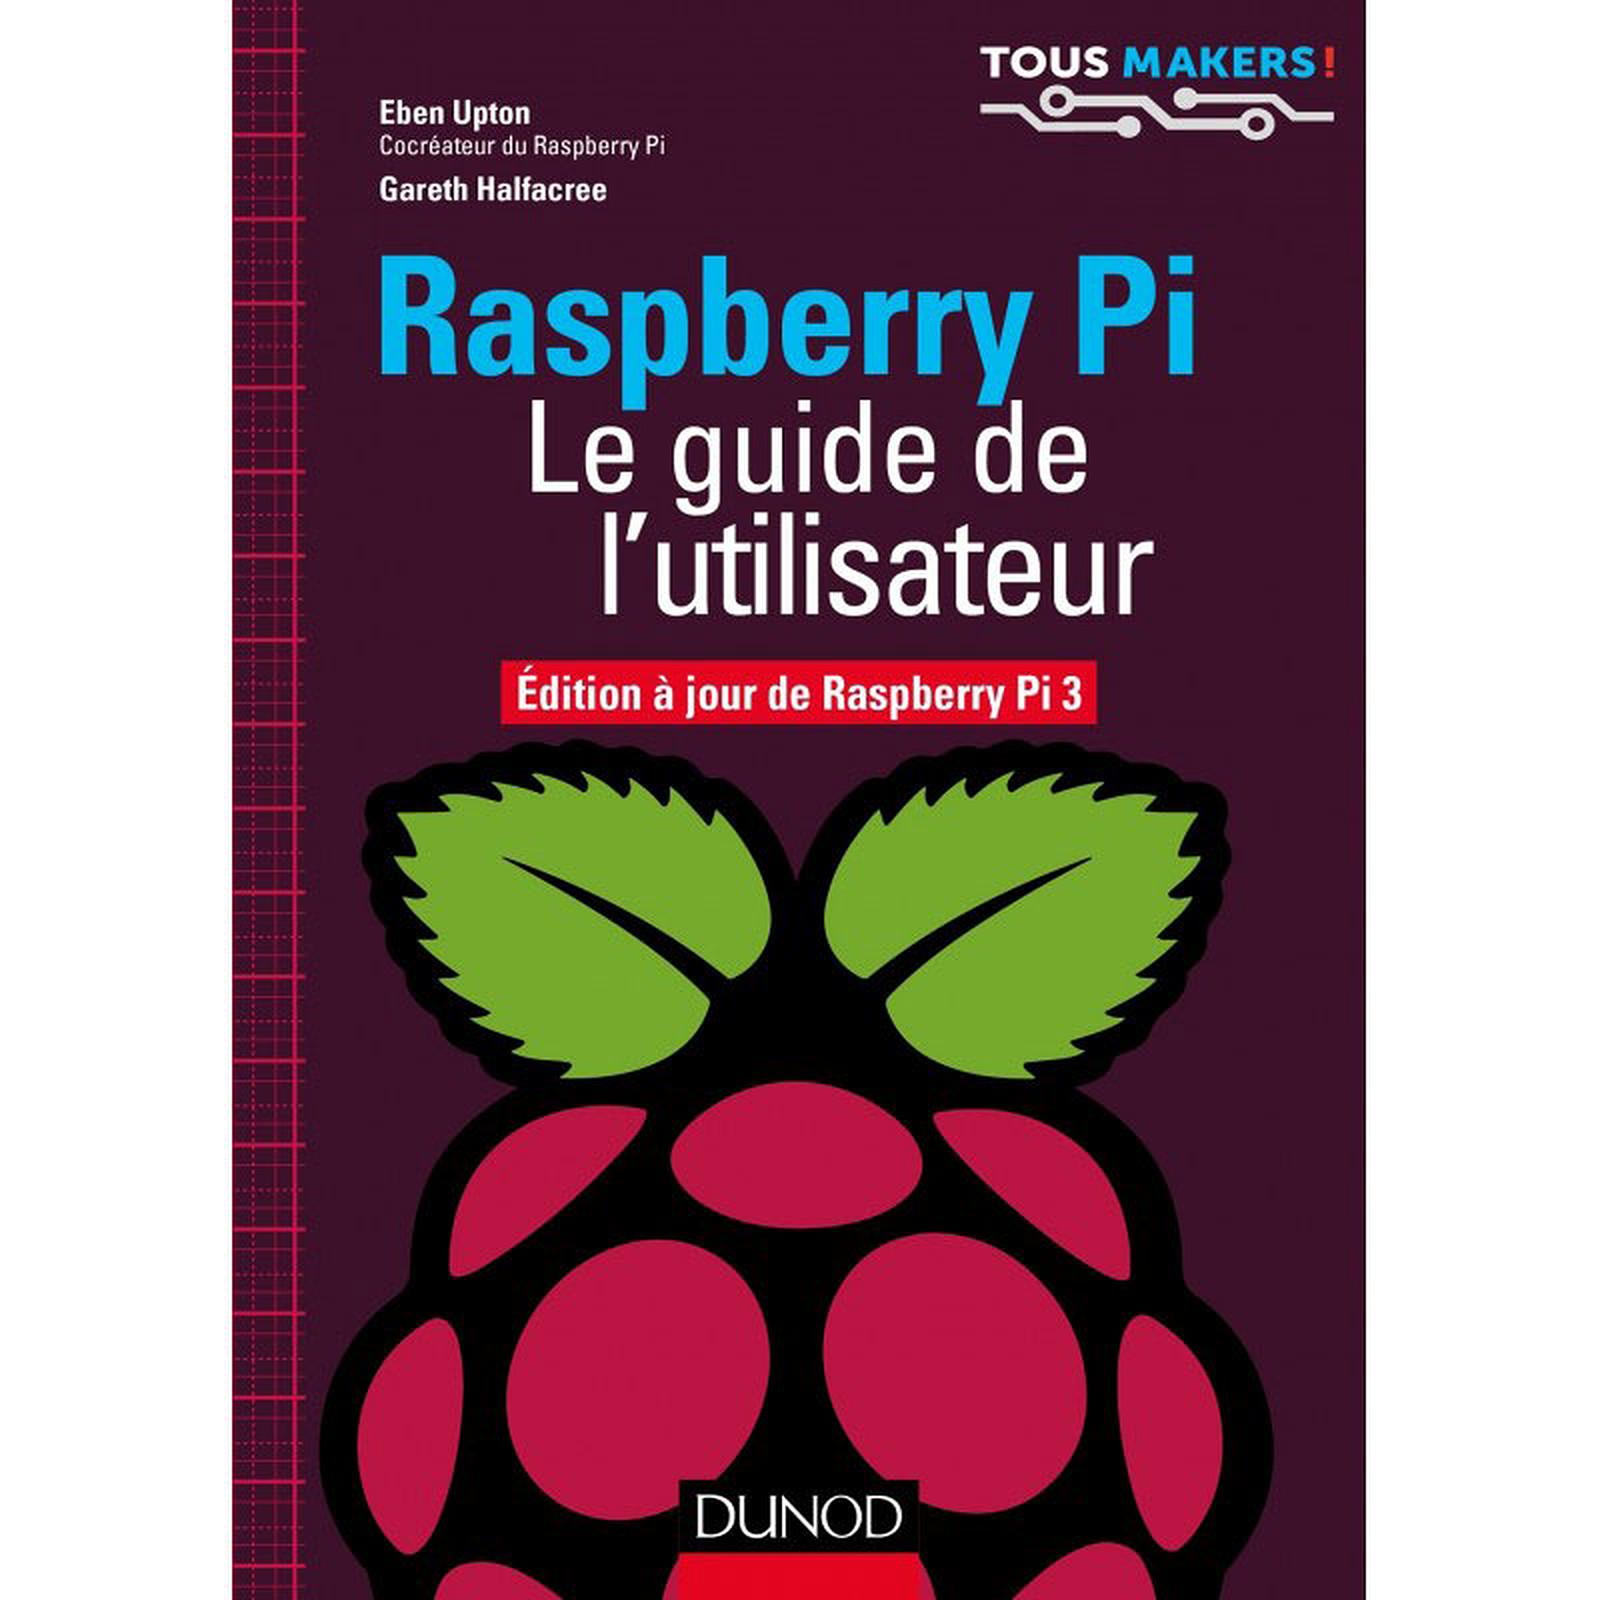 Dunod - Raspberry Pi - Le guide de l'utilisateur